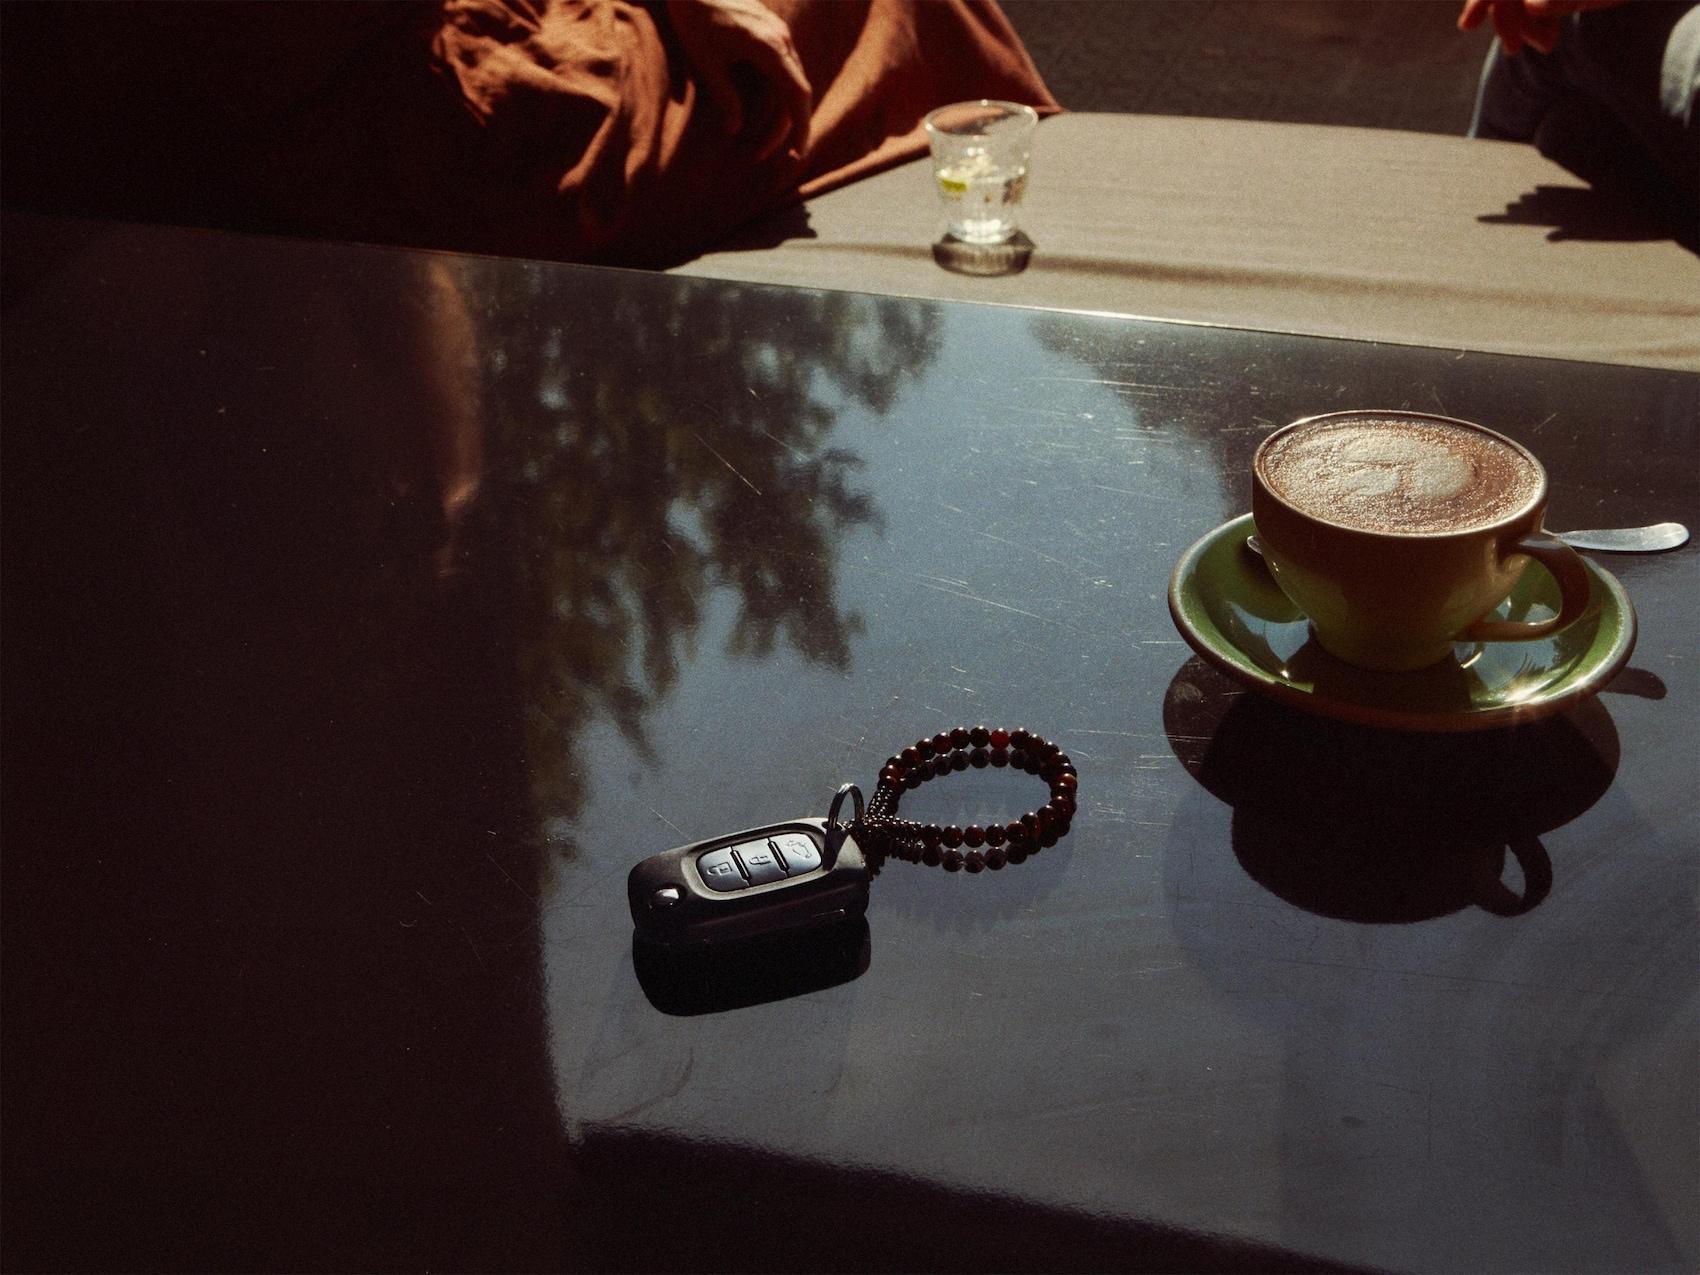 Op een tafel liggen autosleutels naast een kop koffie.